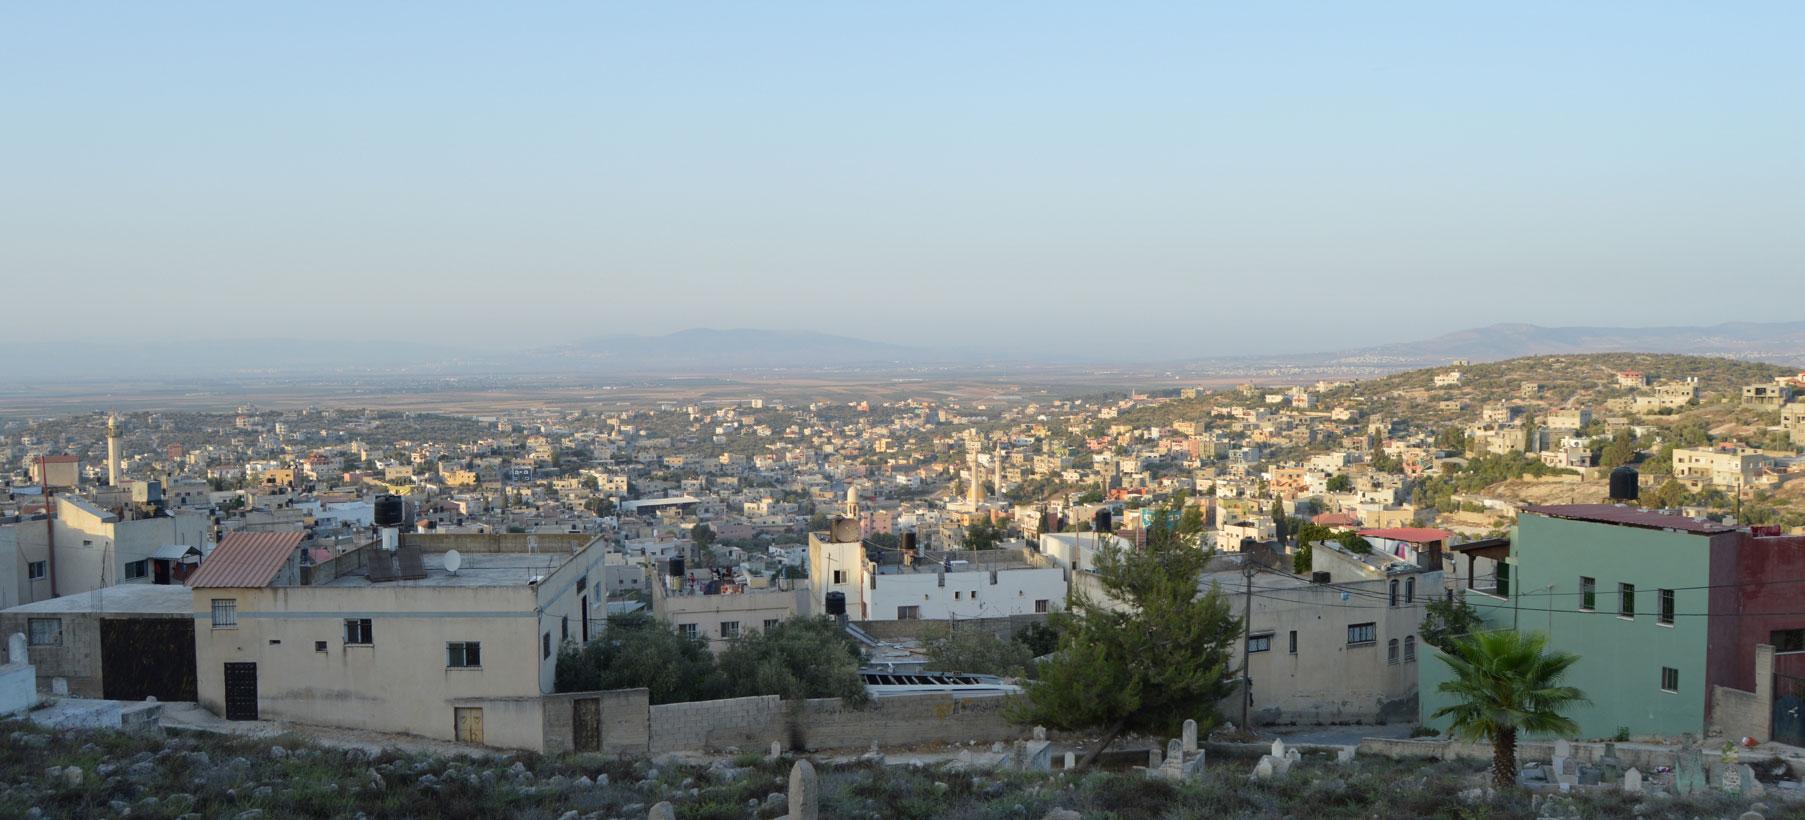 Yamun, Palestine